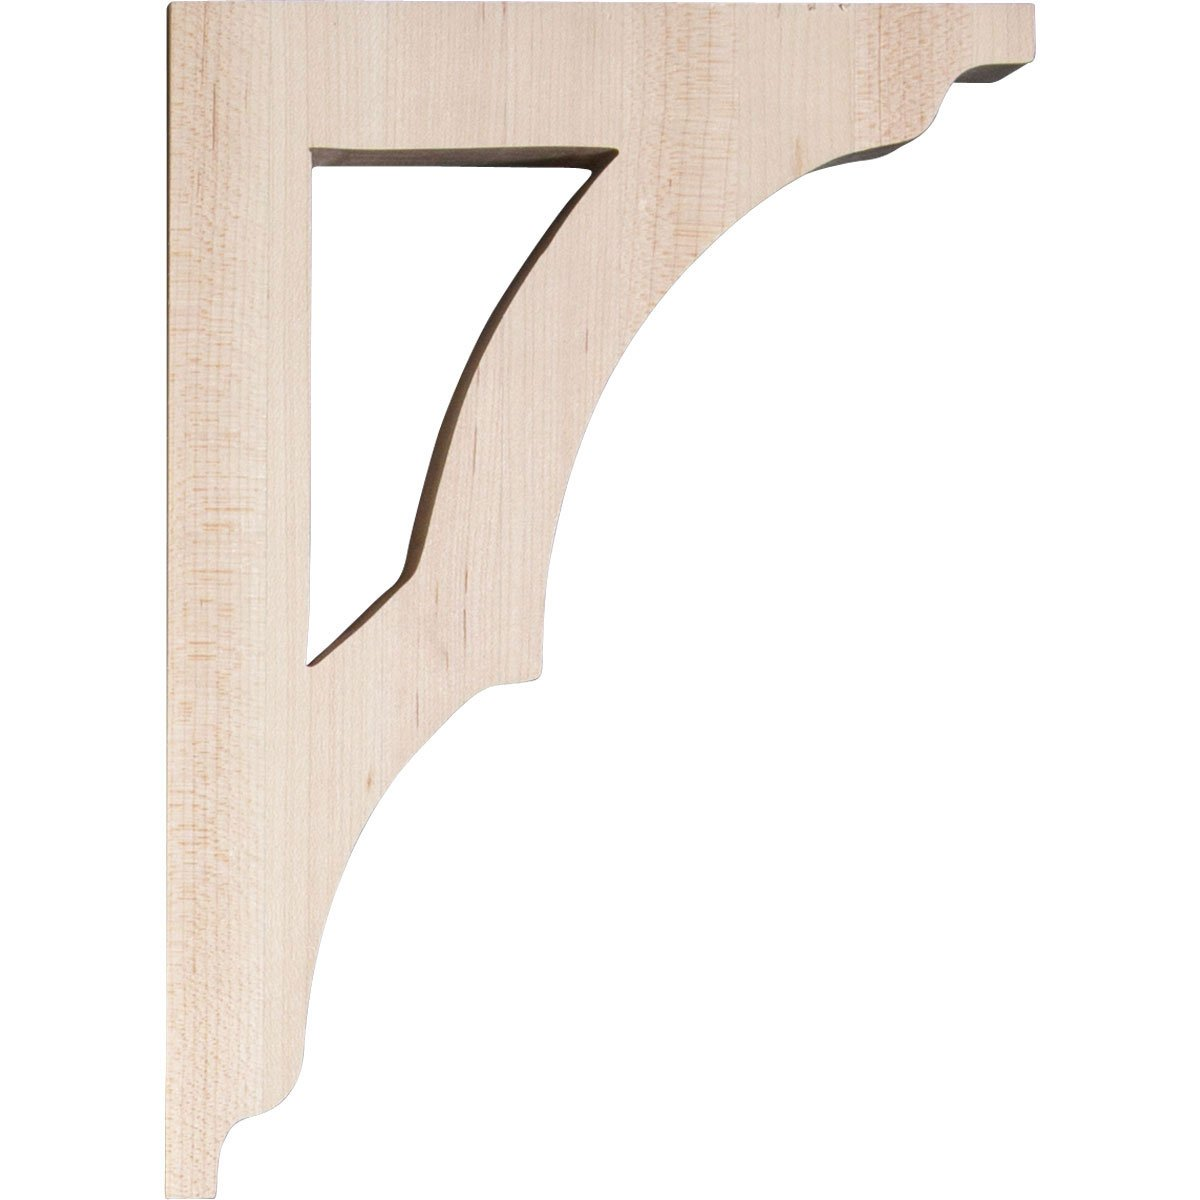 x x Piece Maple 6-Pack Ekena Millwork BKTW01X06X09AVMA-CASE-6 1 3//4W x 6 1//2D x 9H Small Avila Wood Bracket